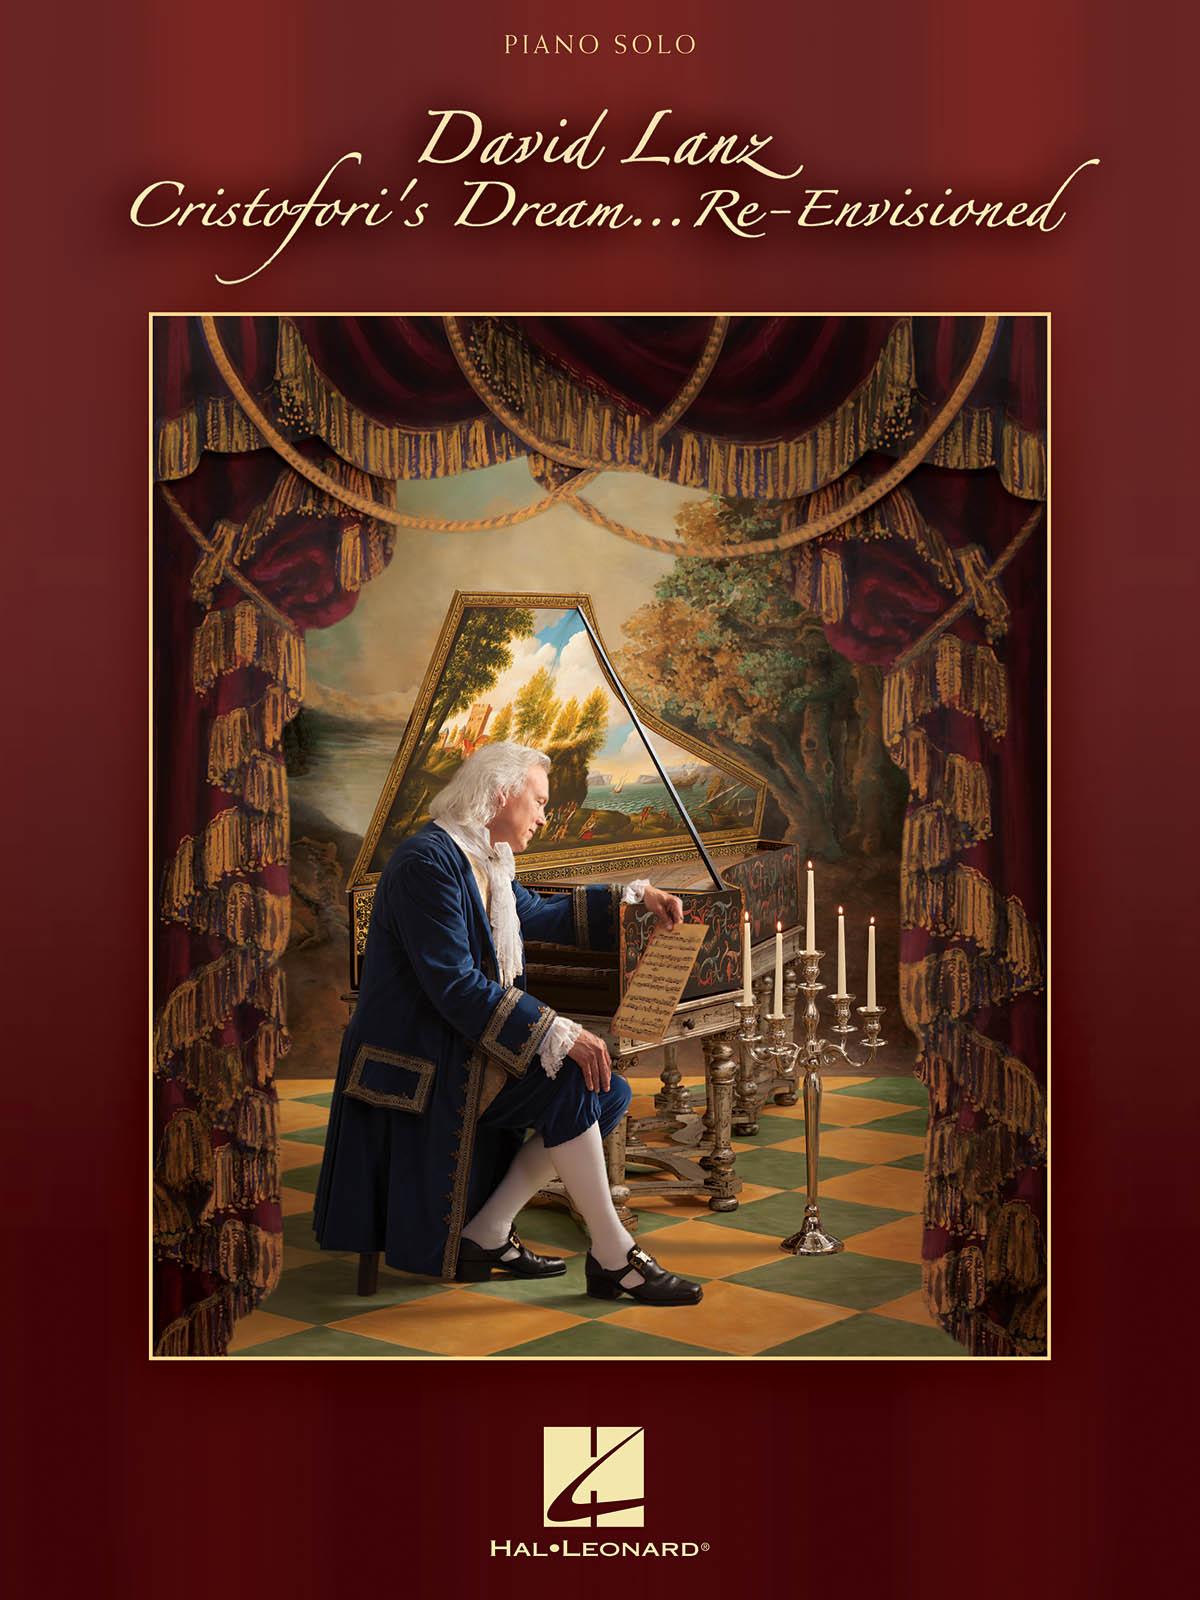 David Lanz: David Lanz – Cristofori's Dream ... Re-Envisioned: Piano: